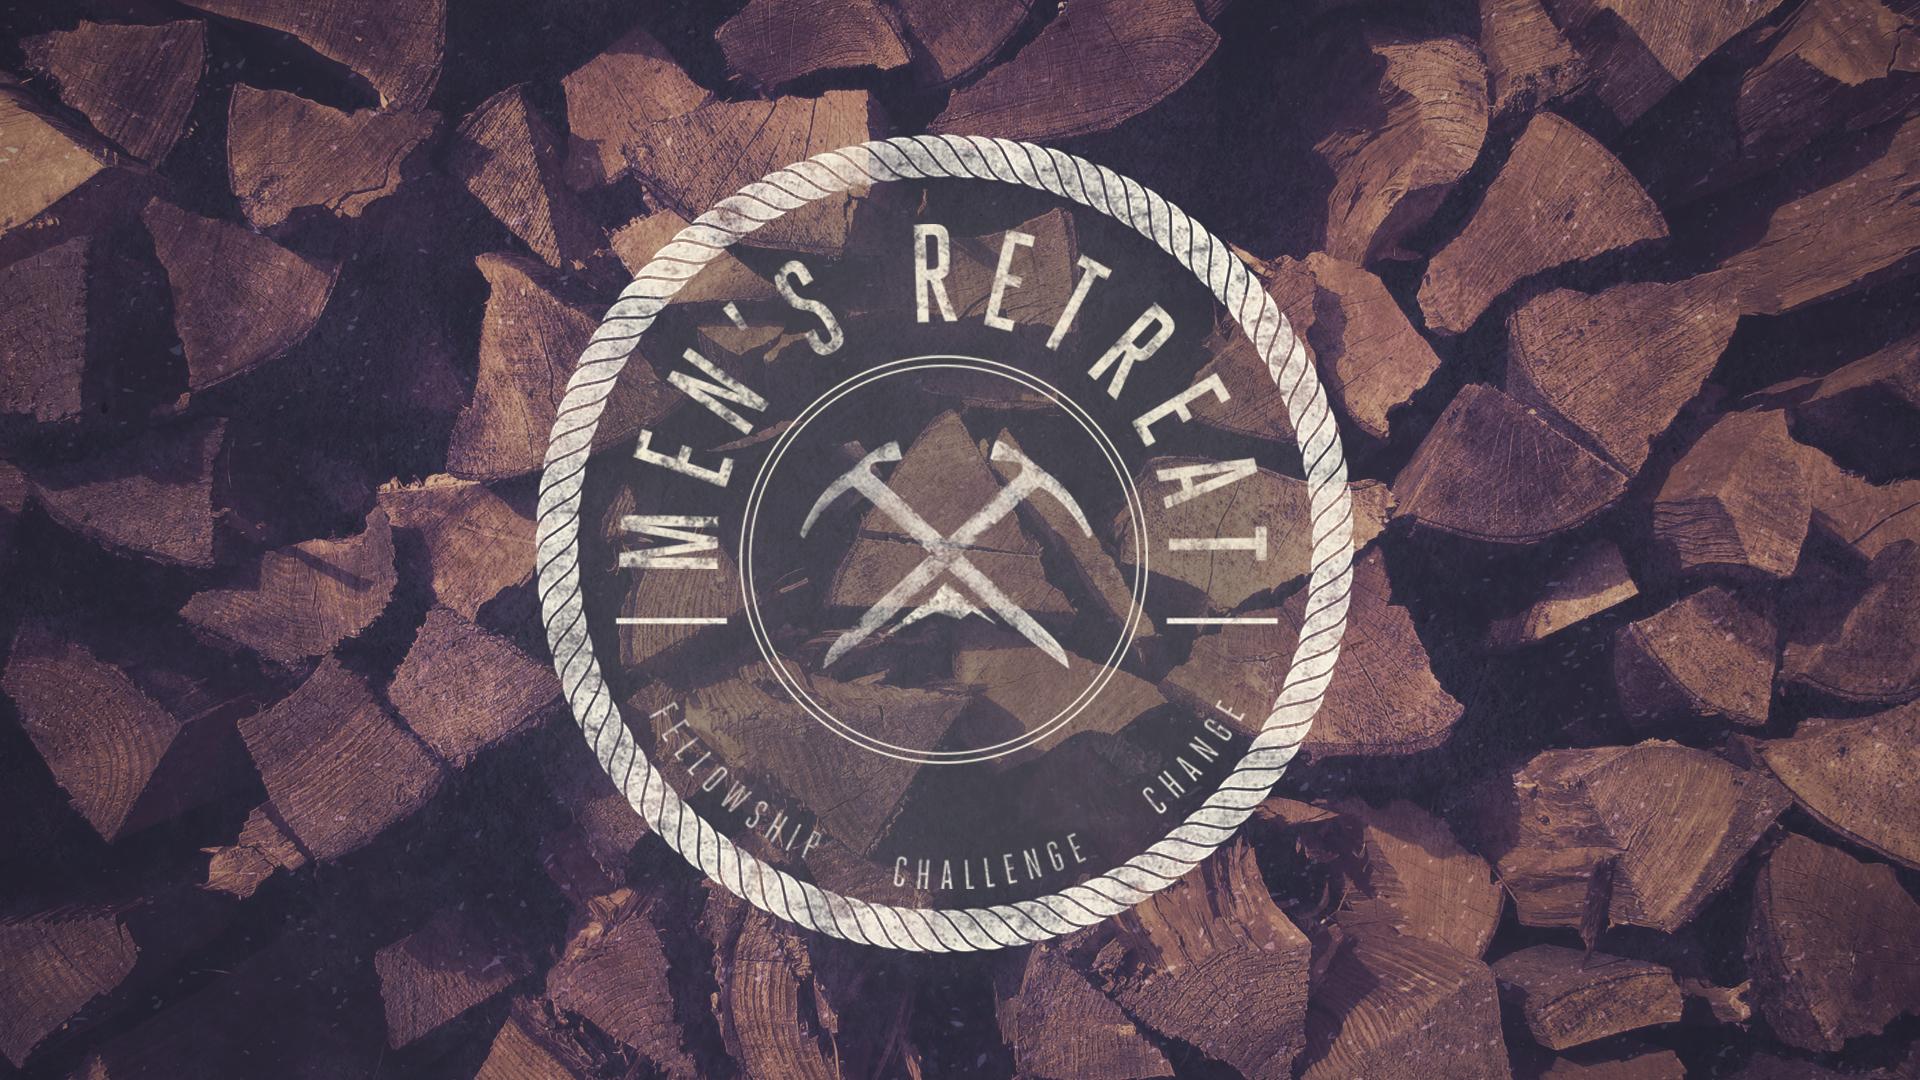 Men s retreat   wide